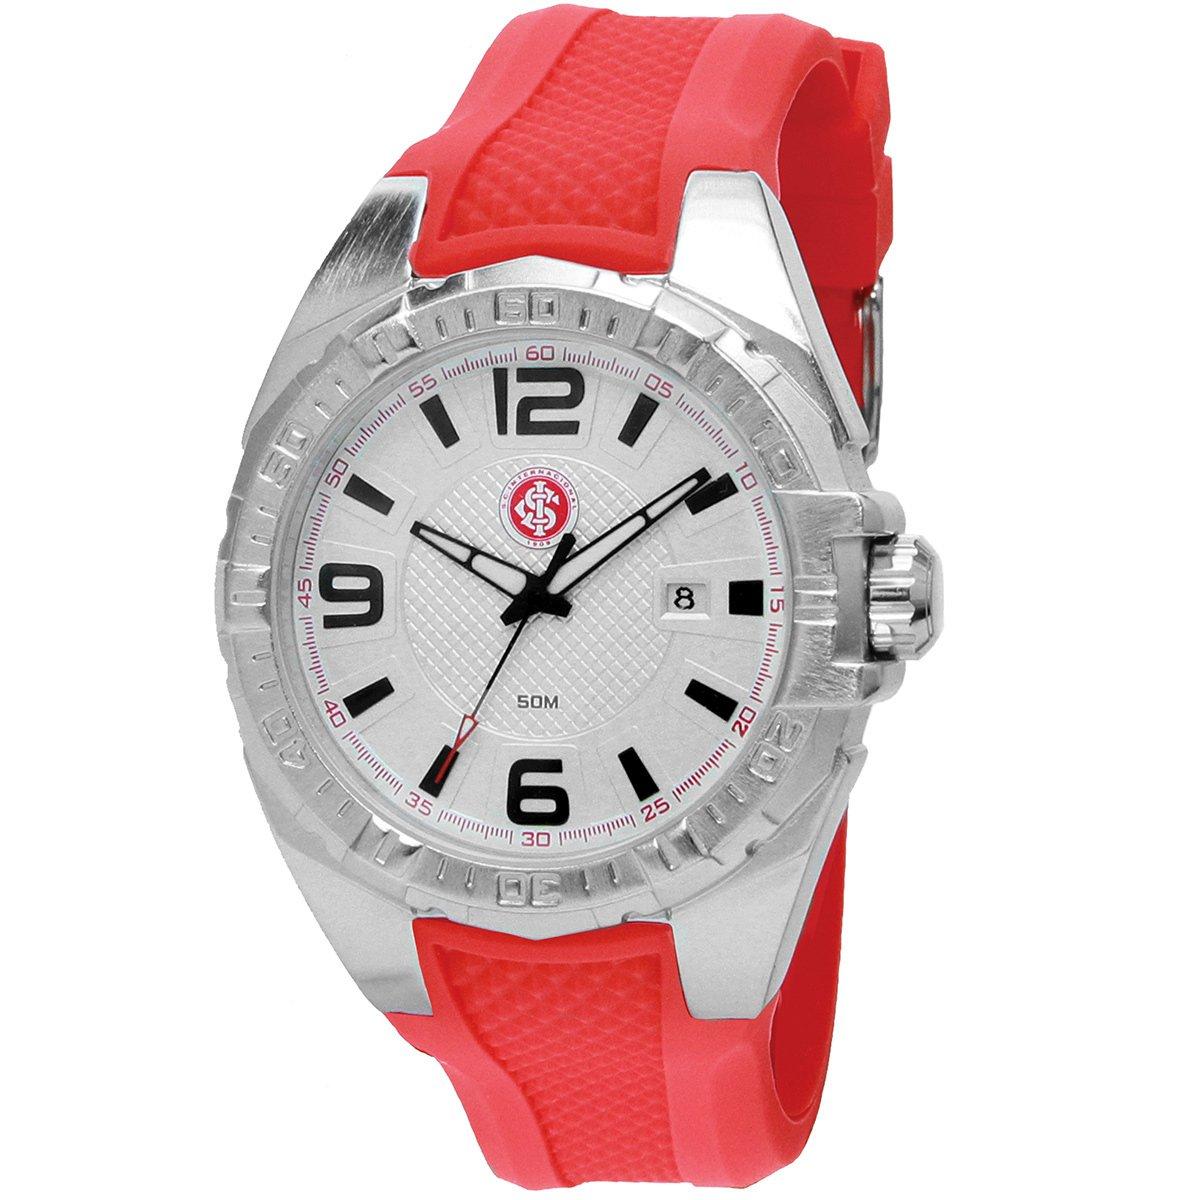 5a0909f76fb Relógio Internacional Technos Analógico IV Calendário - Compre Agora ...